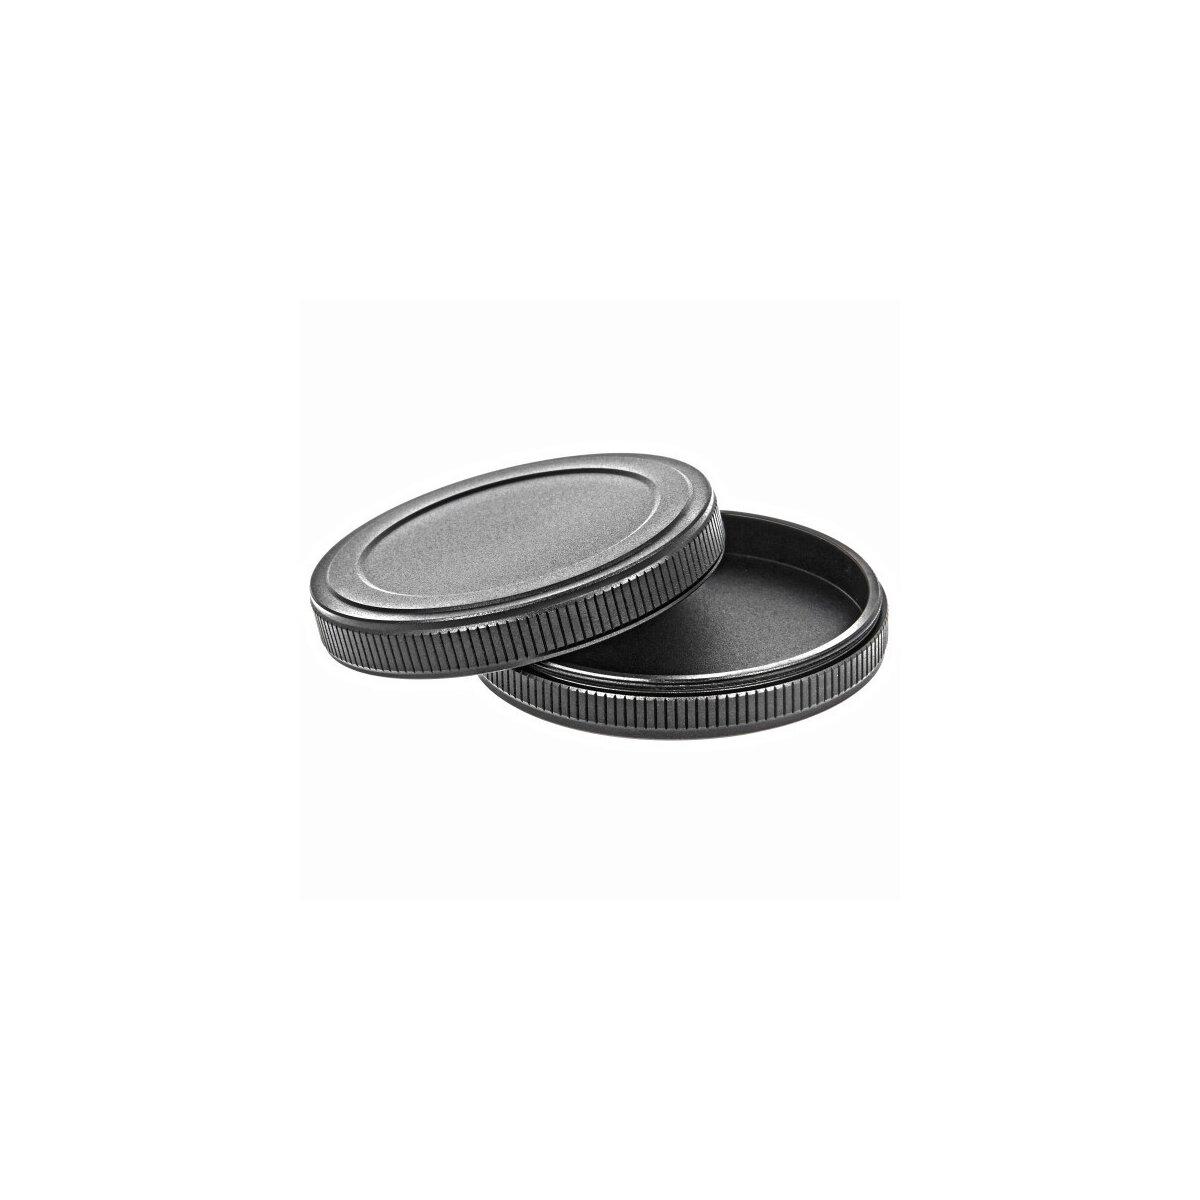 Aluminium Filter-Schutzdeckel / Schraub-Filterkappen fuer 55mm Filter - JJC SC-55